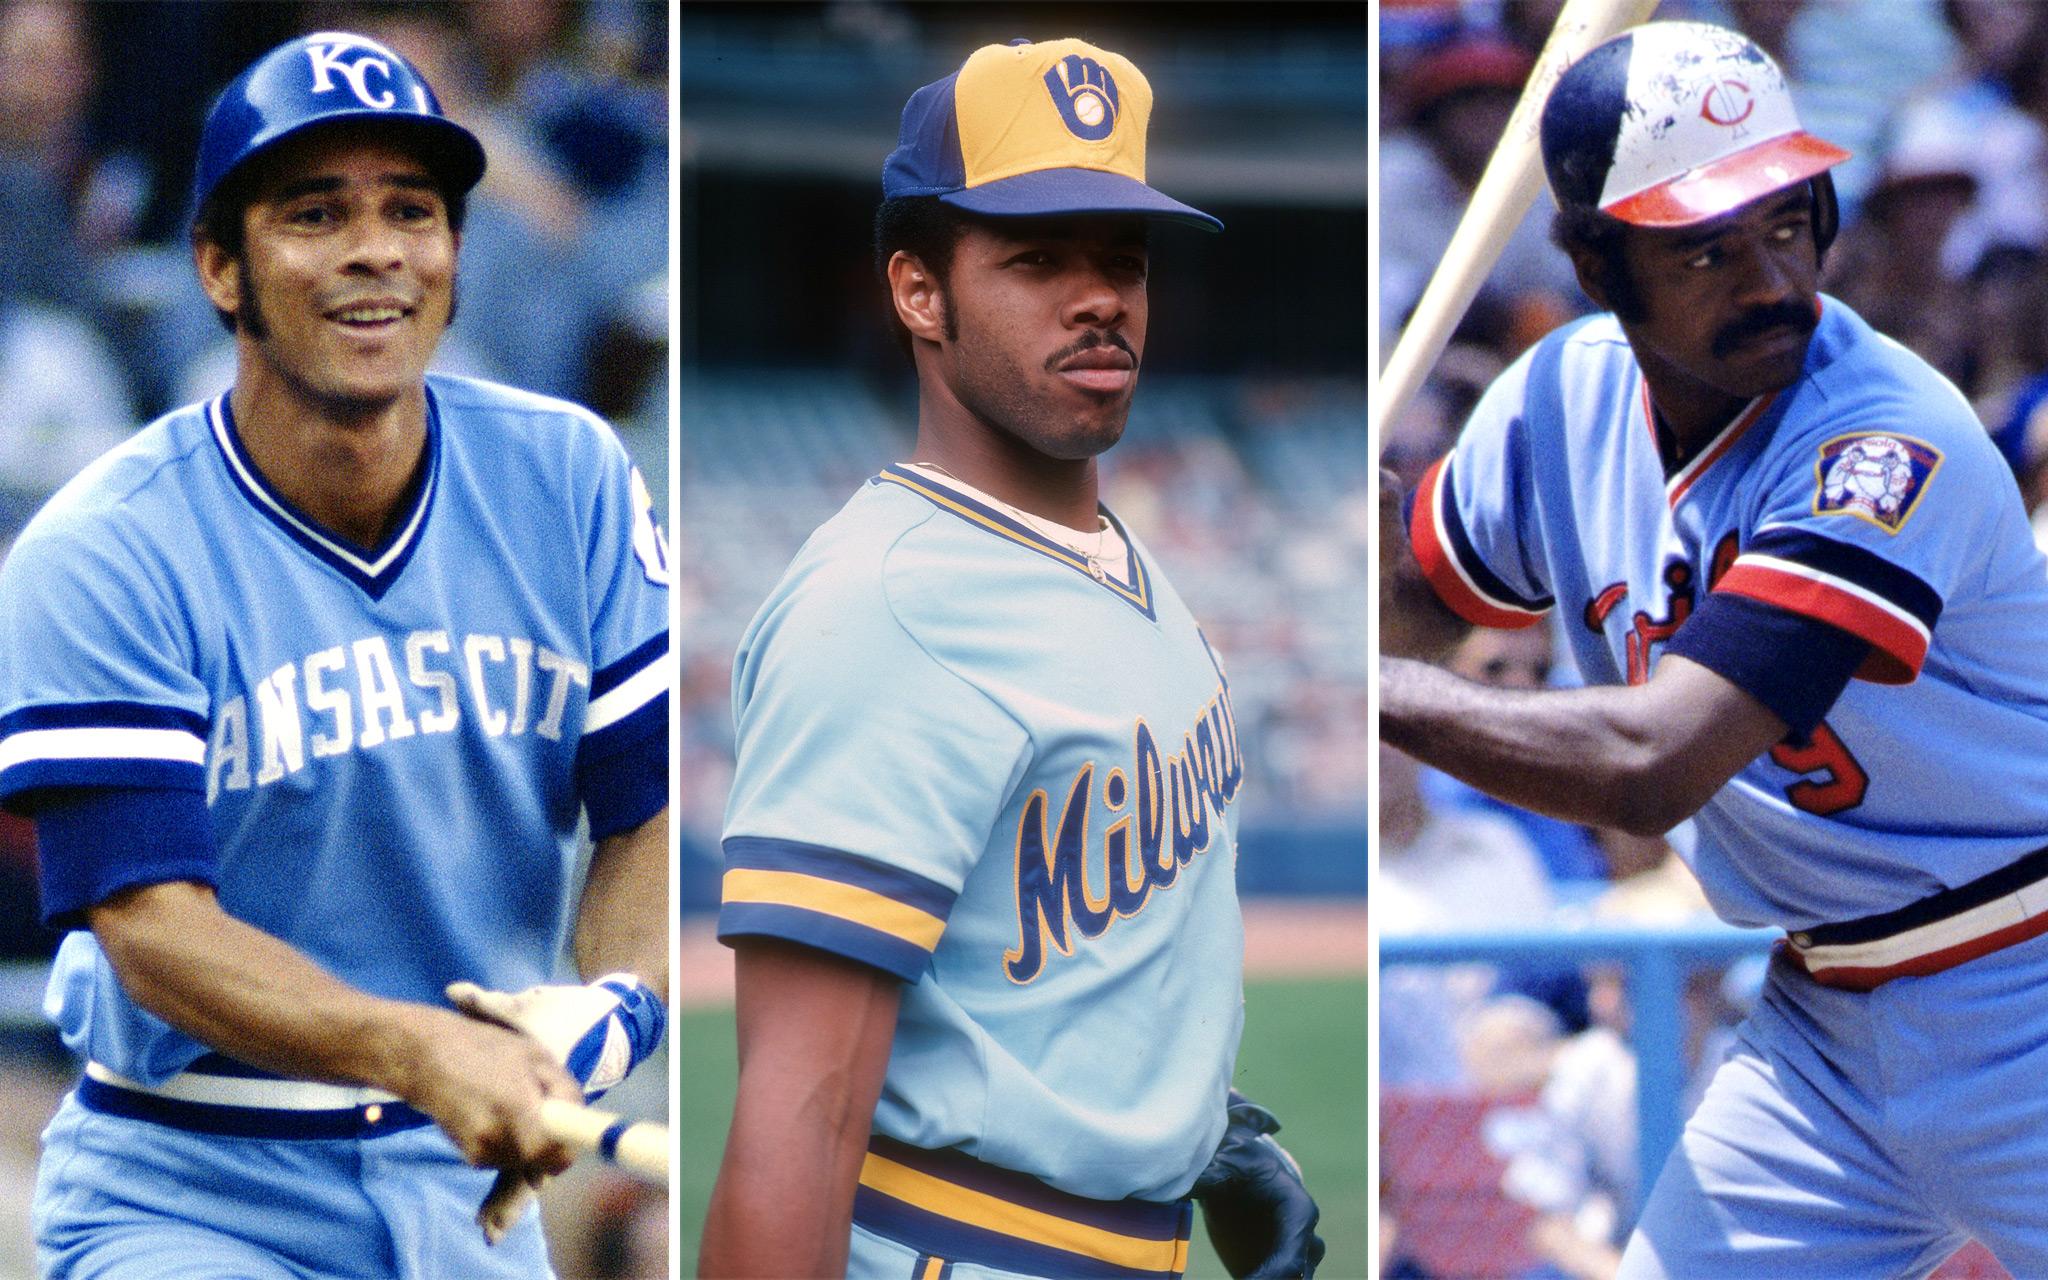 Ugly Baseball Uniforms